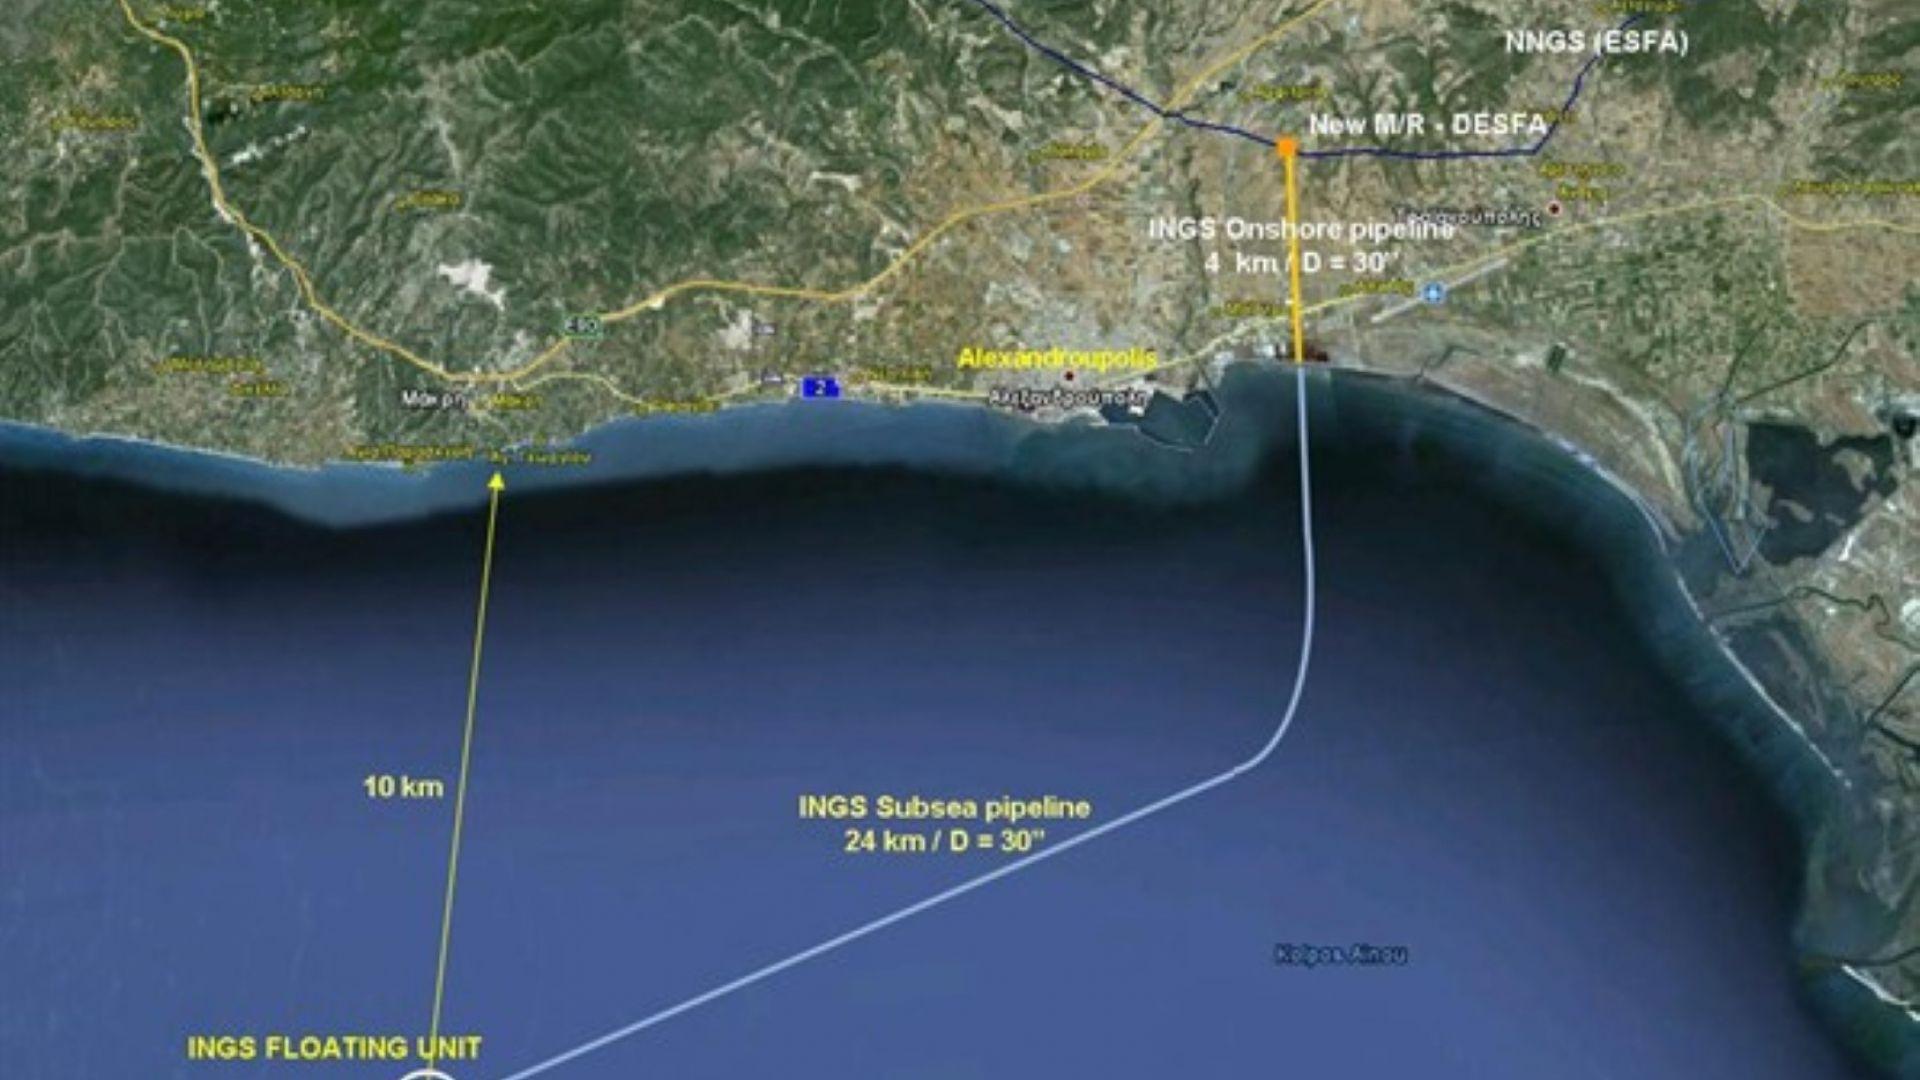 Бум на заявките за доставка на втечнен газ в Александруполис